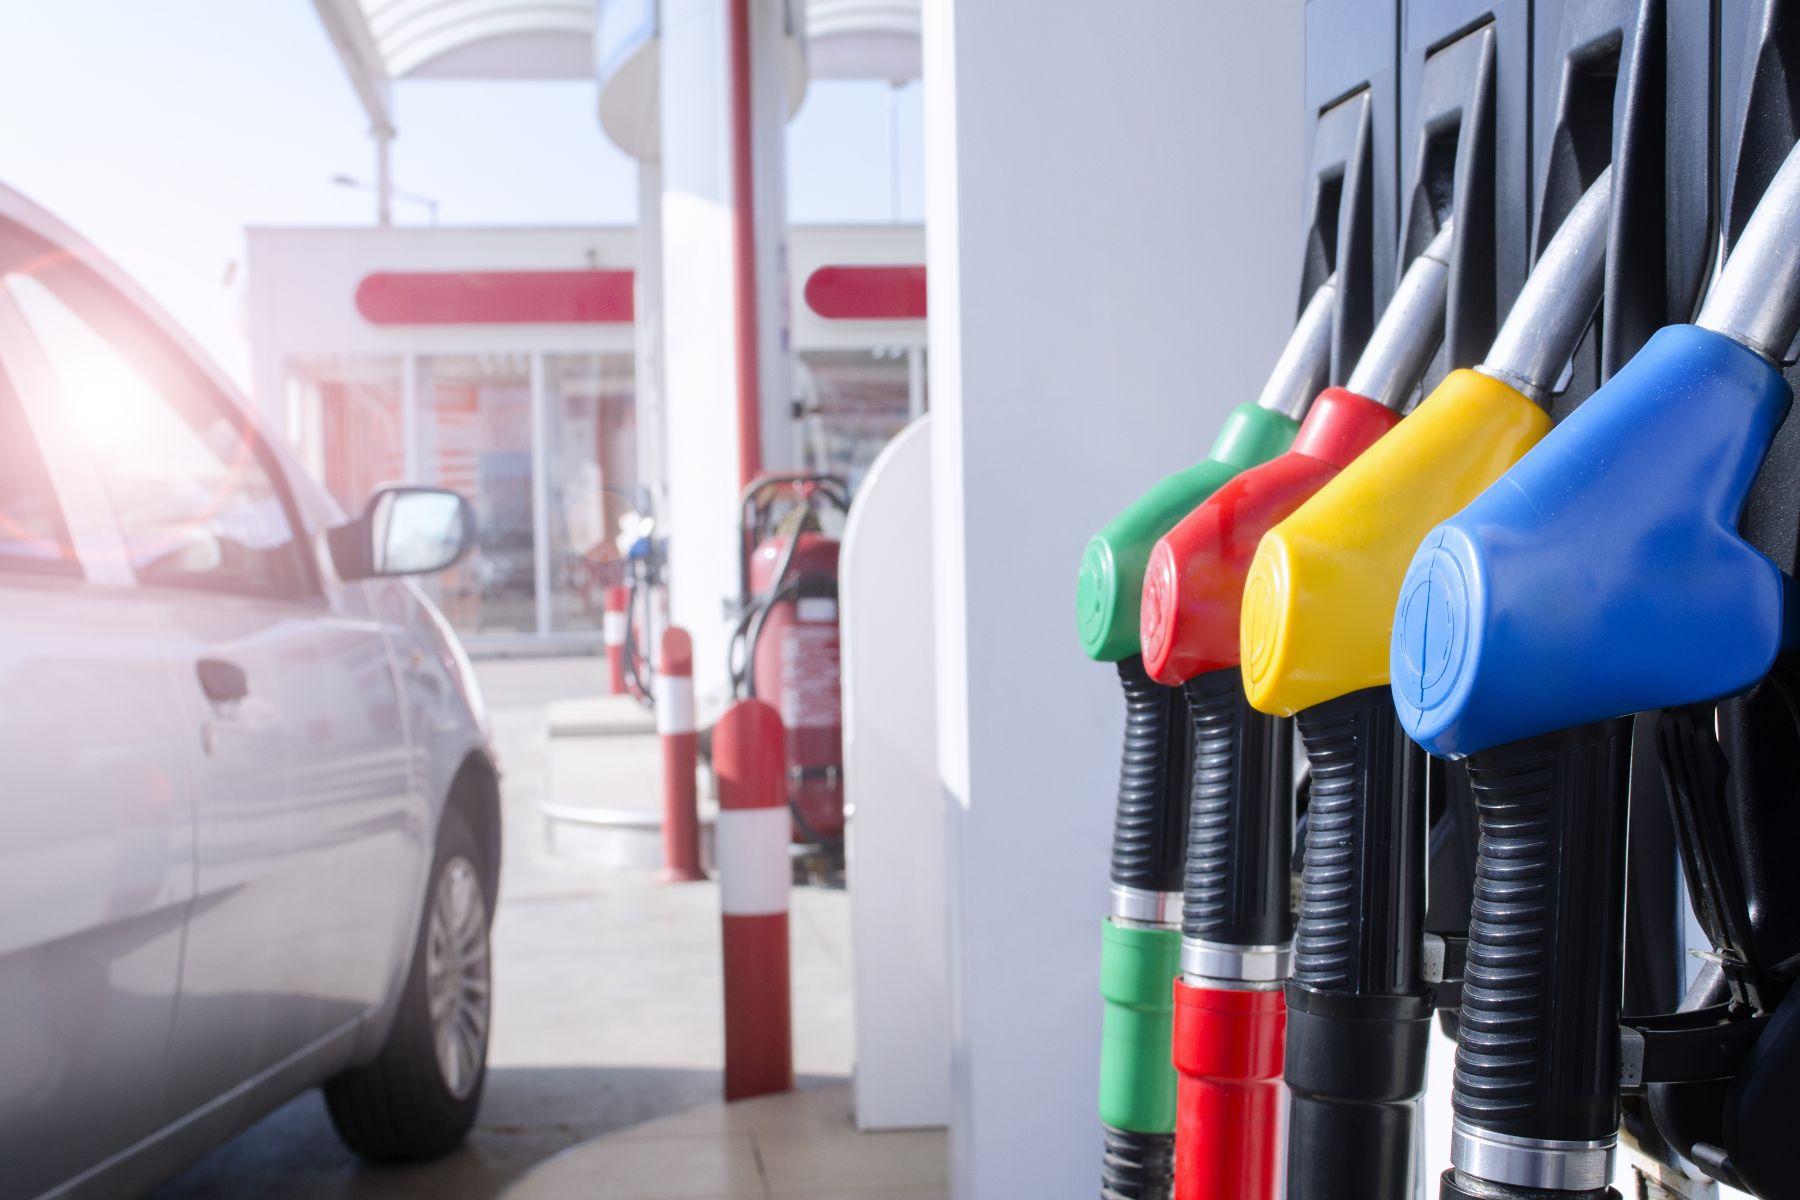 Petrol pay at pump